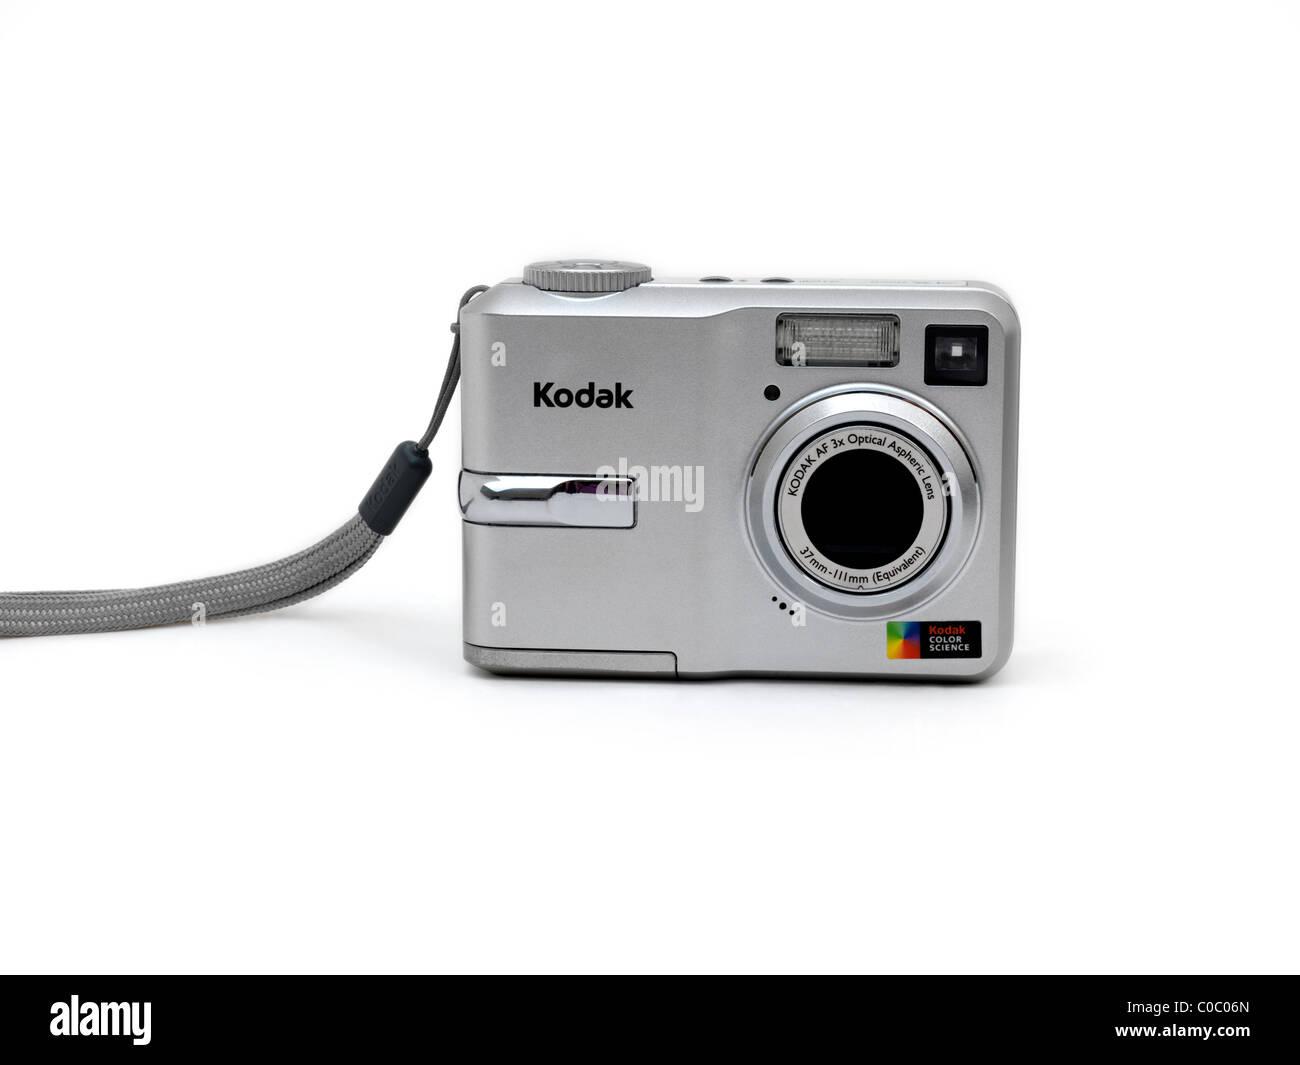 Kodak Digital Camera - Stock Image